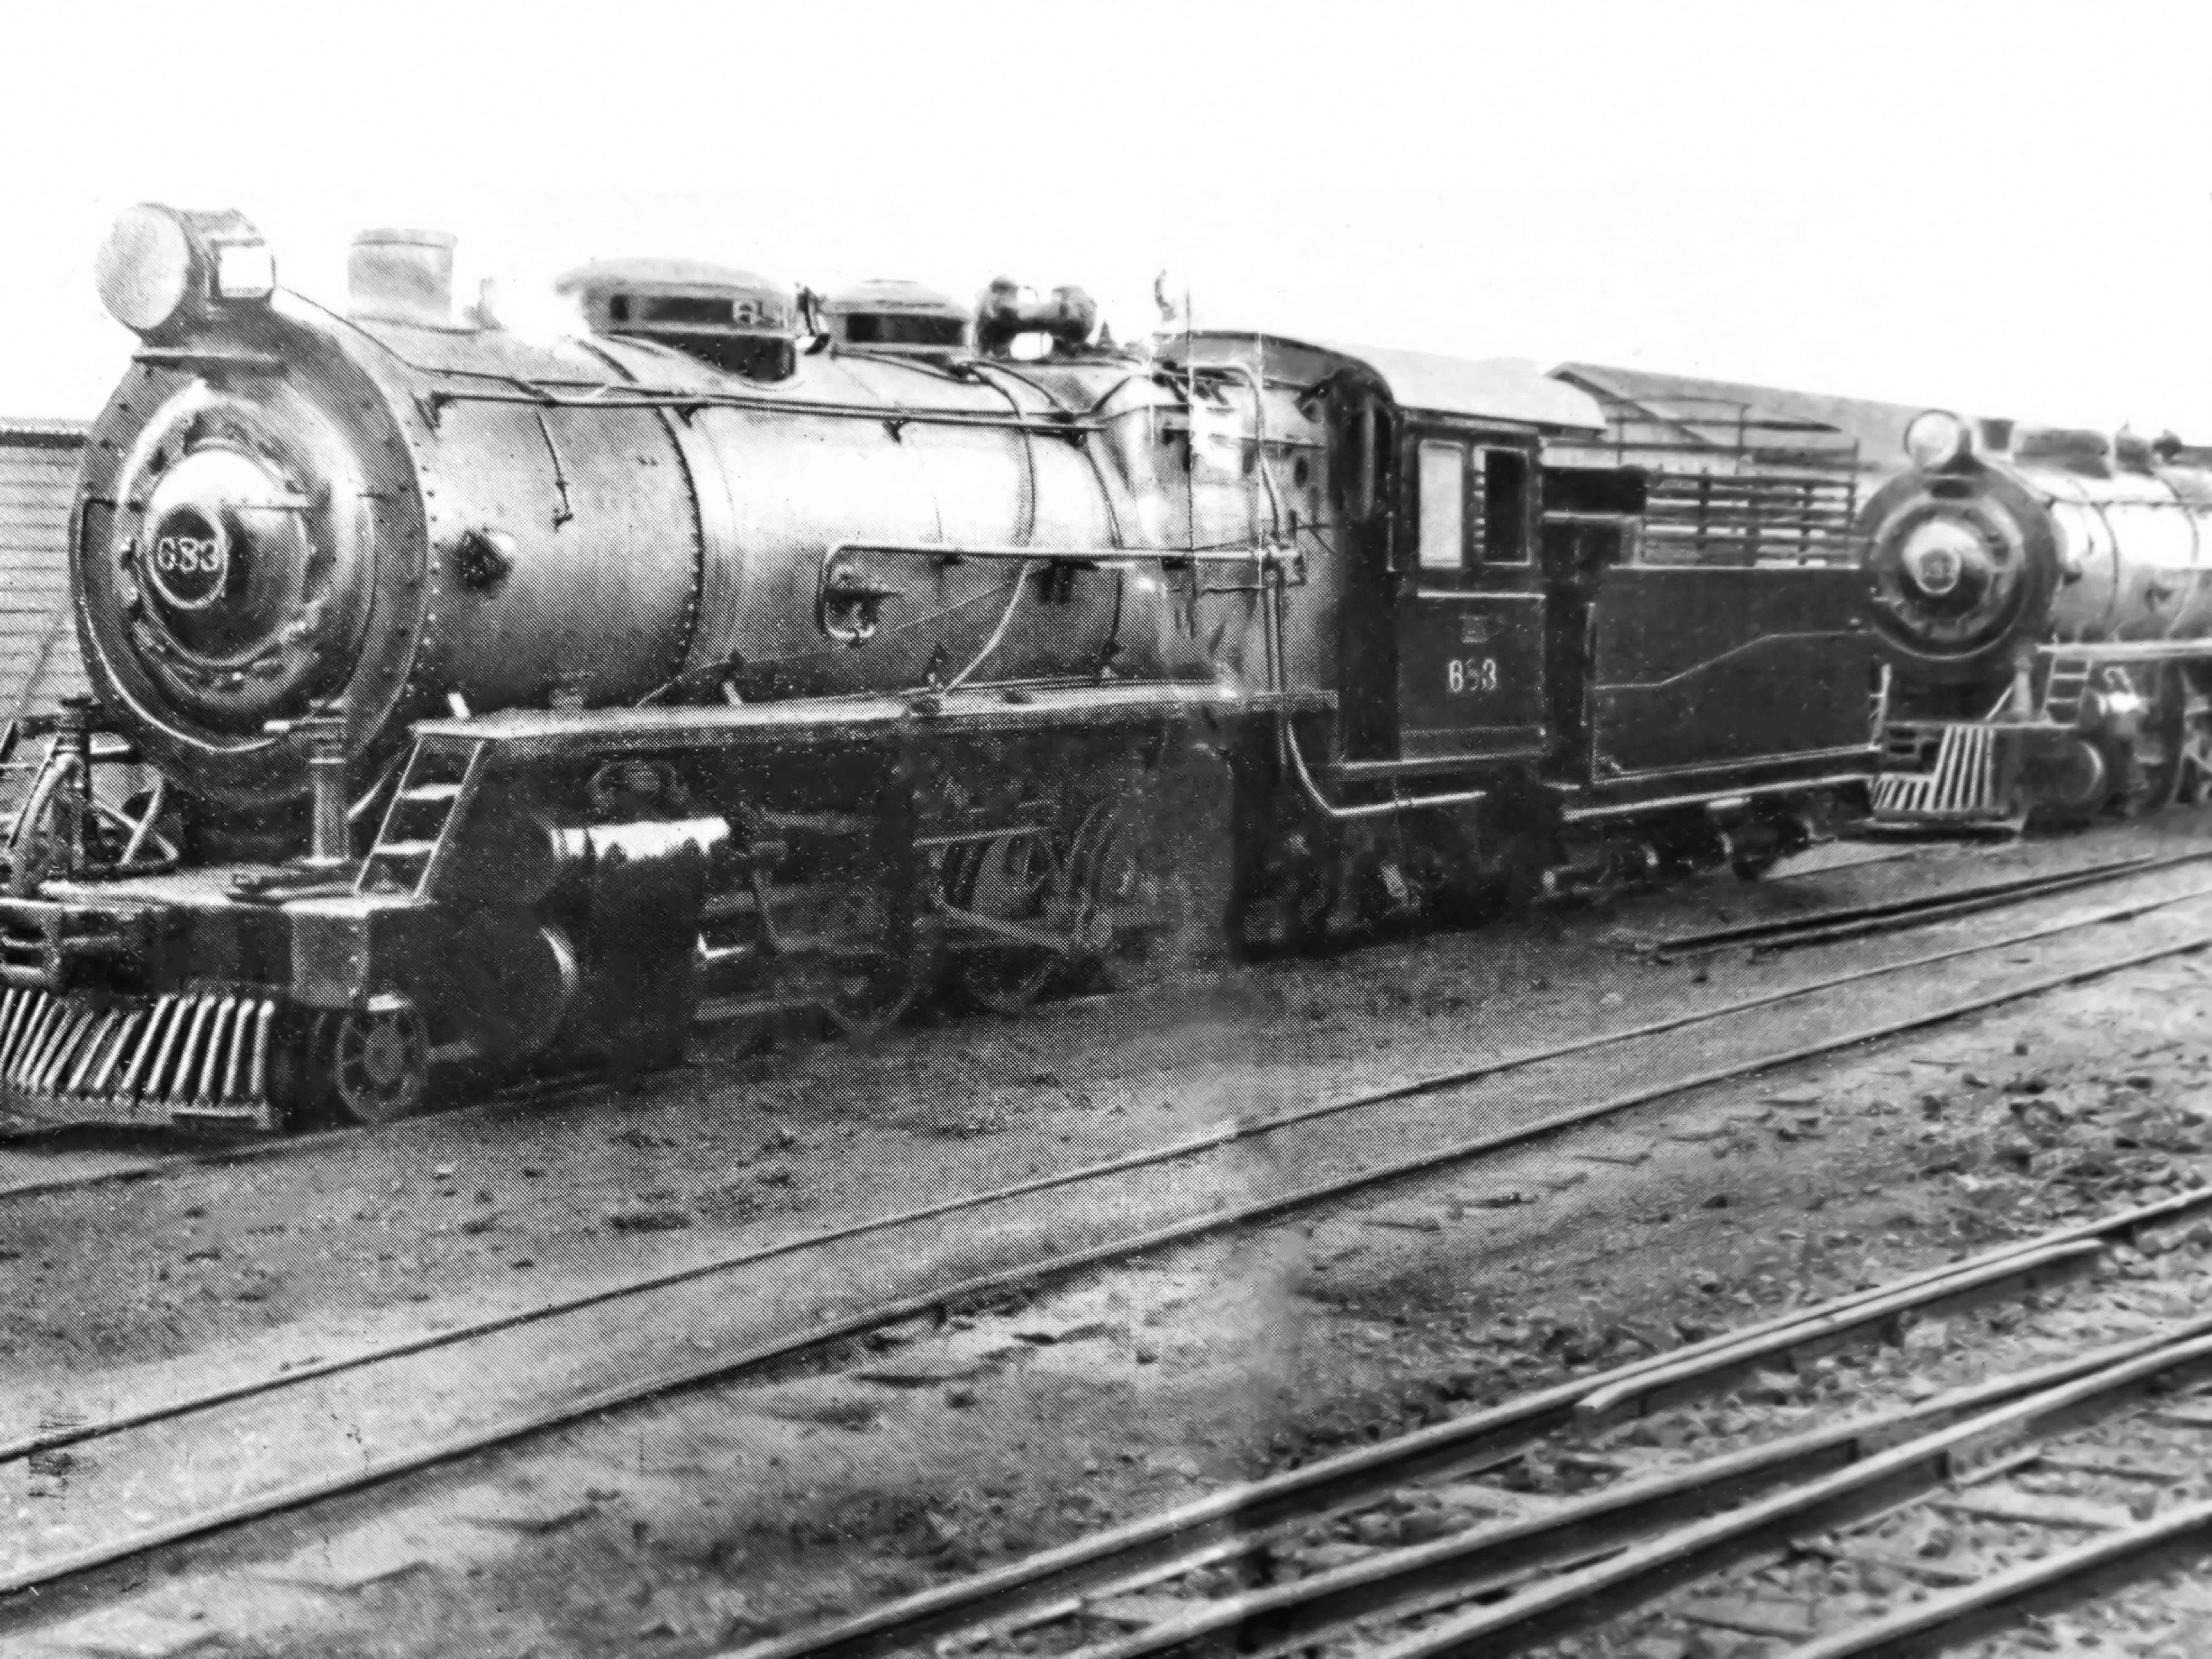 Locomotivas pelo pátio de manobras - Anos 1950